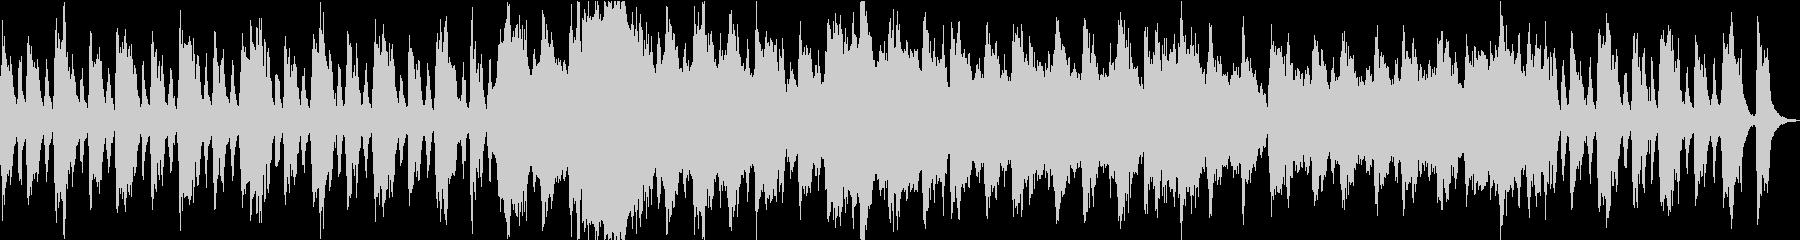 オーケストラでの決然とした印象のBGMの未再生の波形